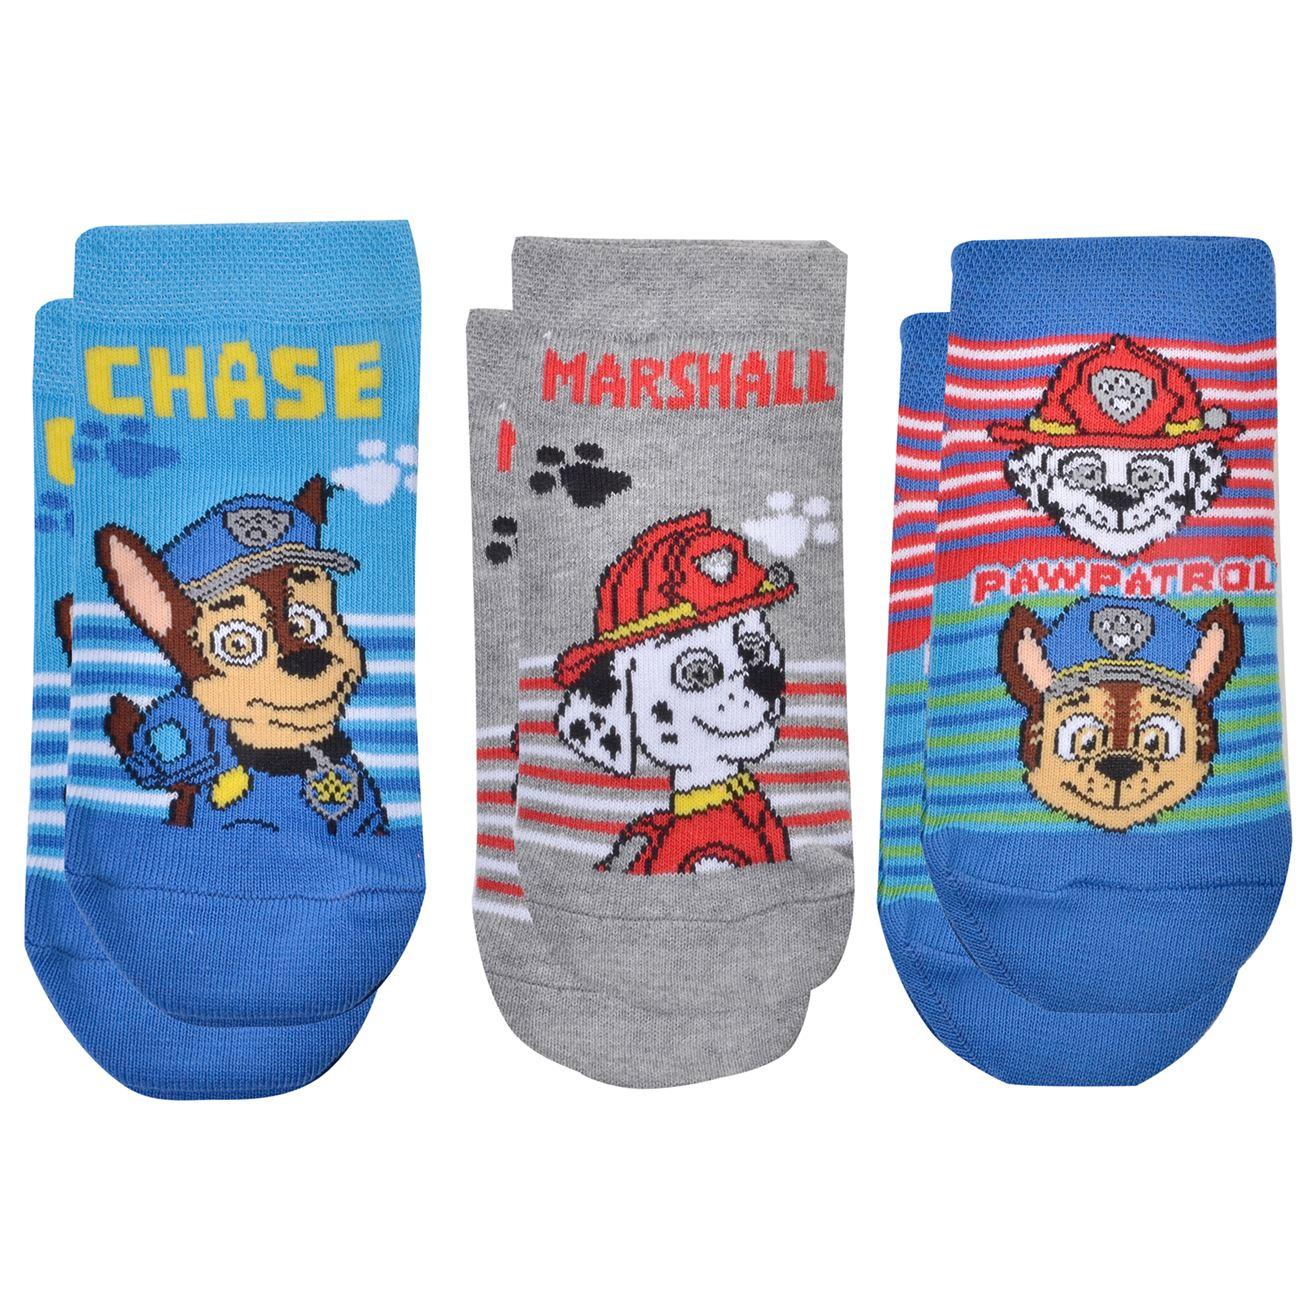 Κάλτσες Παιδικές Σοσόνια PAW PATROL - 3 ζευγ.   Κάλτσες Σοσόνια ... 3092702f55d